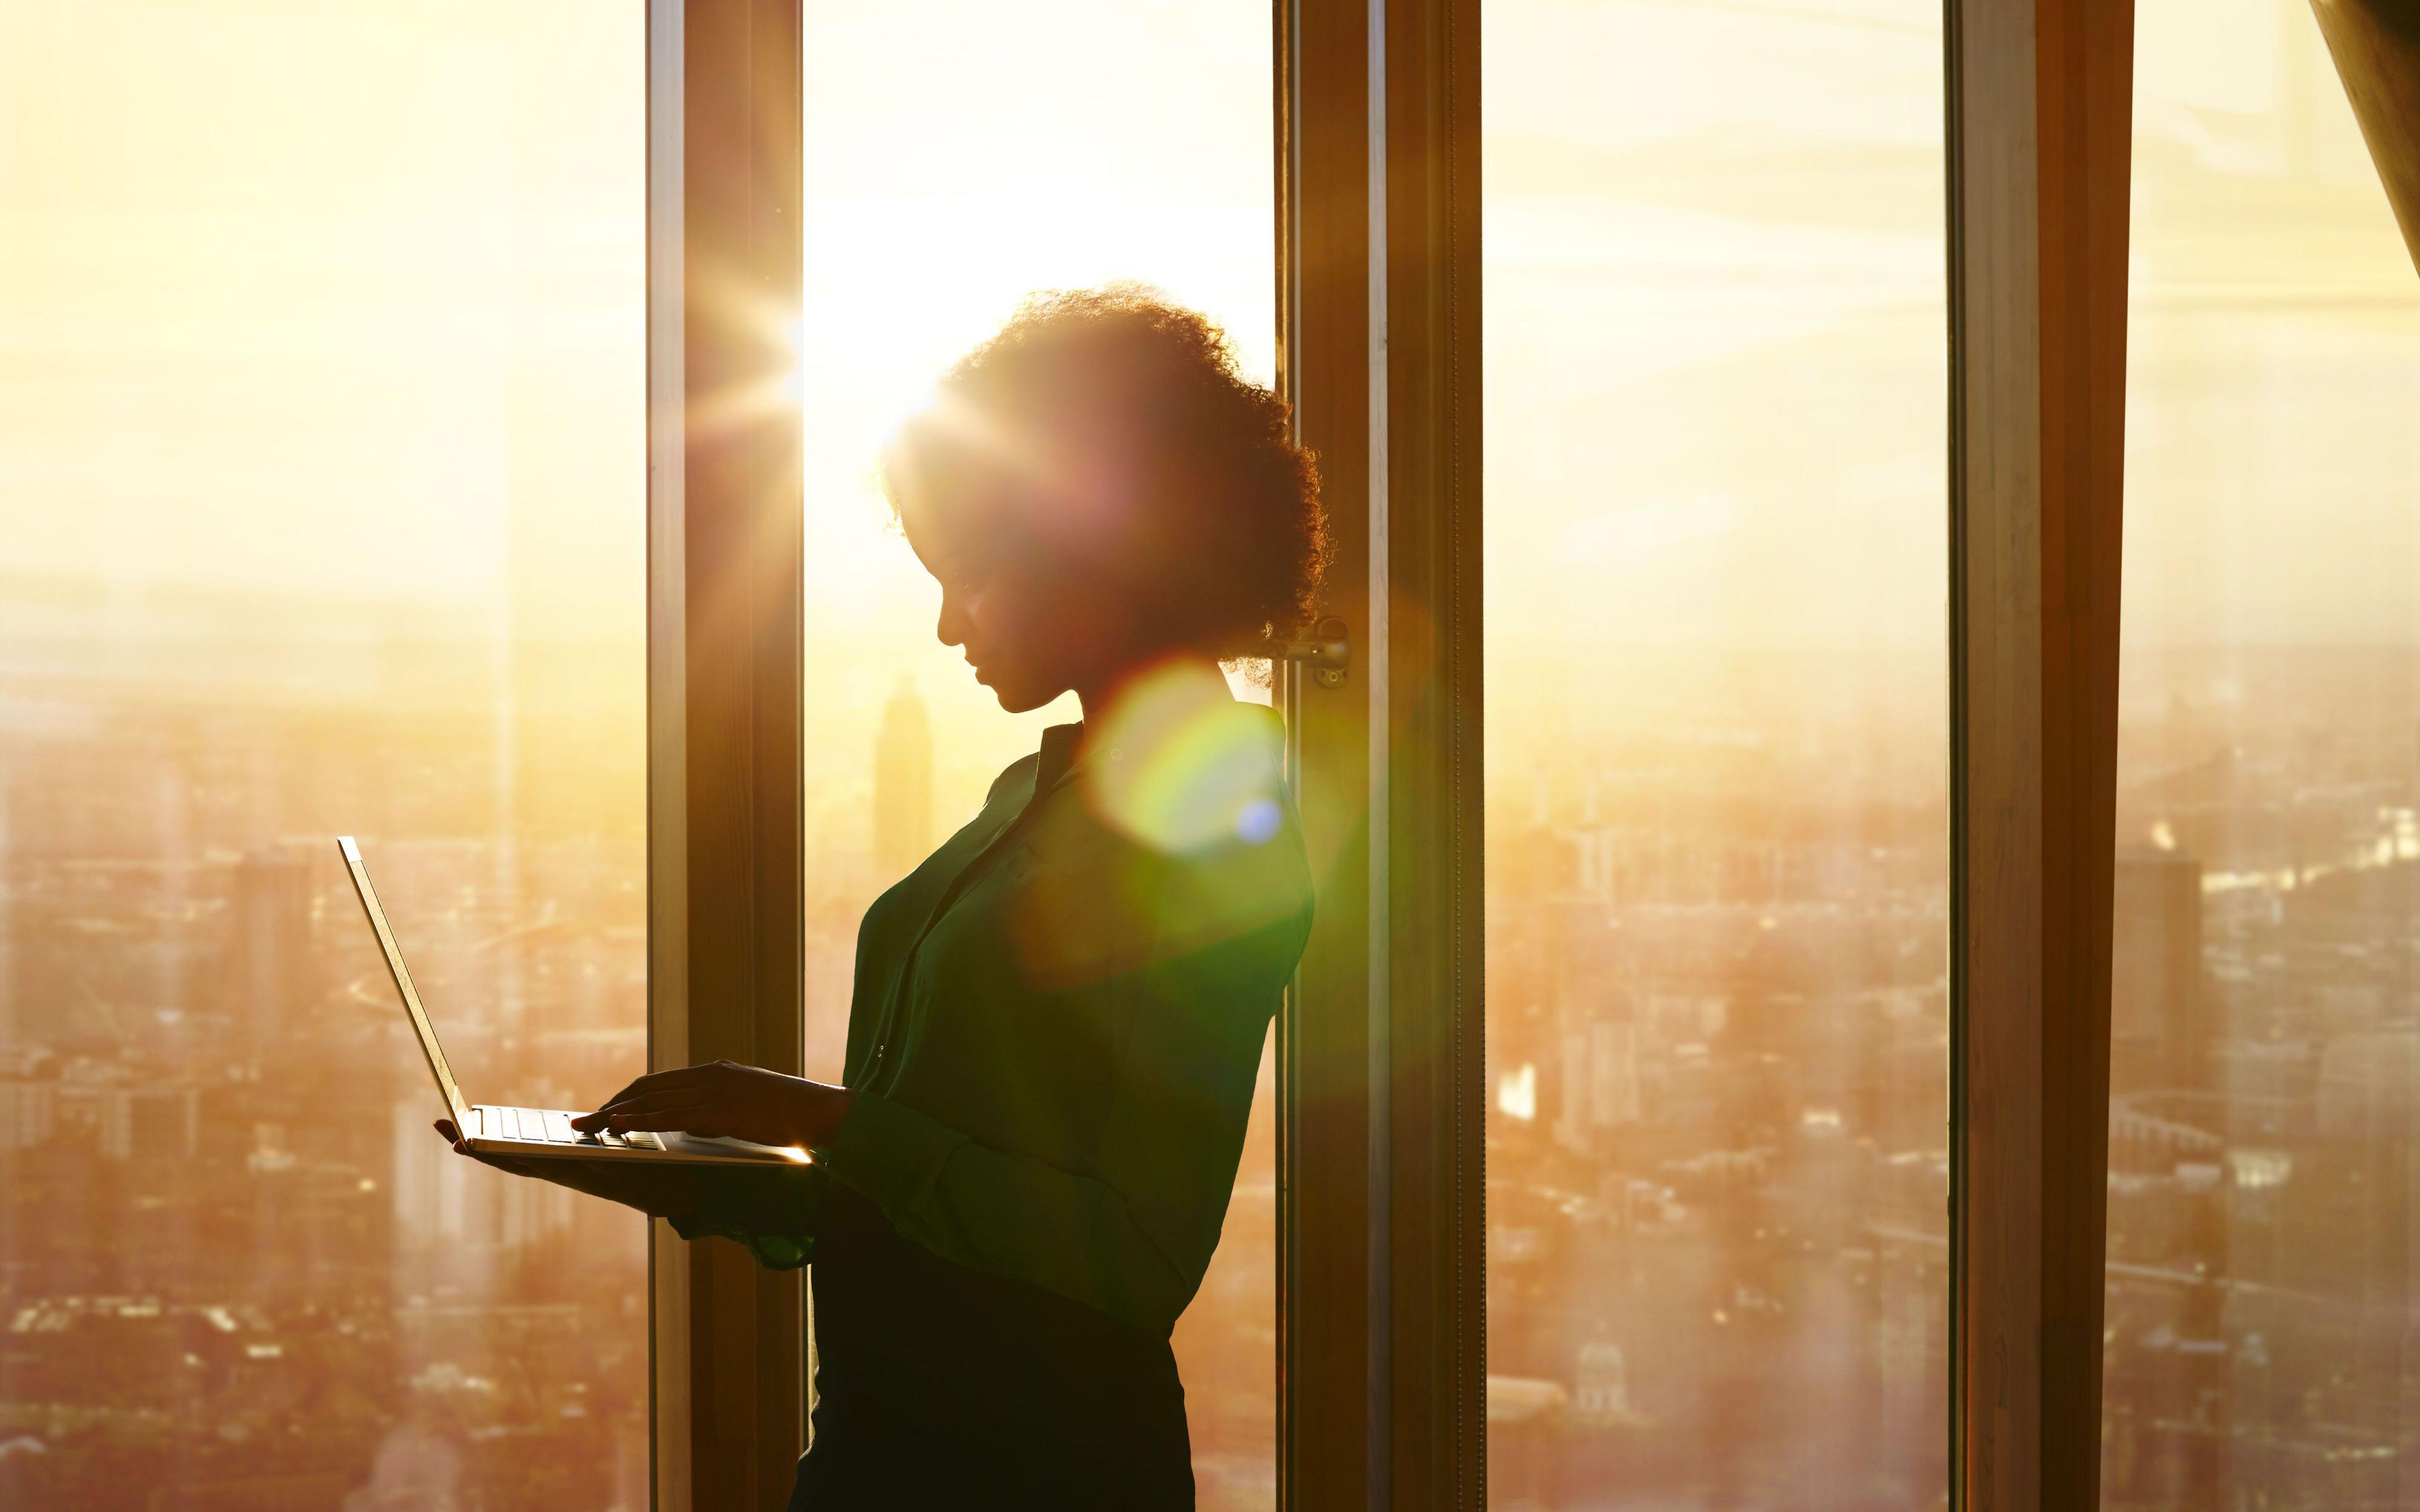 Đời người gói gọn trong 5 chân lý, sớm nhận ra sẽ làm chủ sự nghiệp và rộng bước thăng tiến